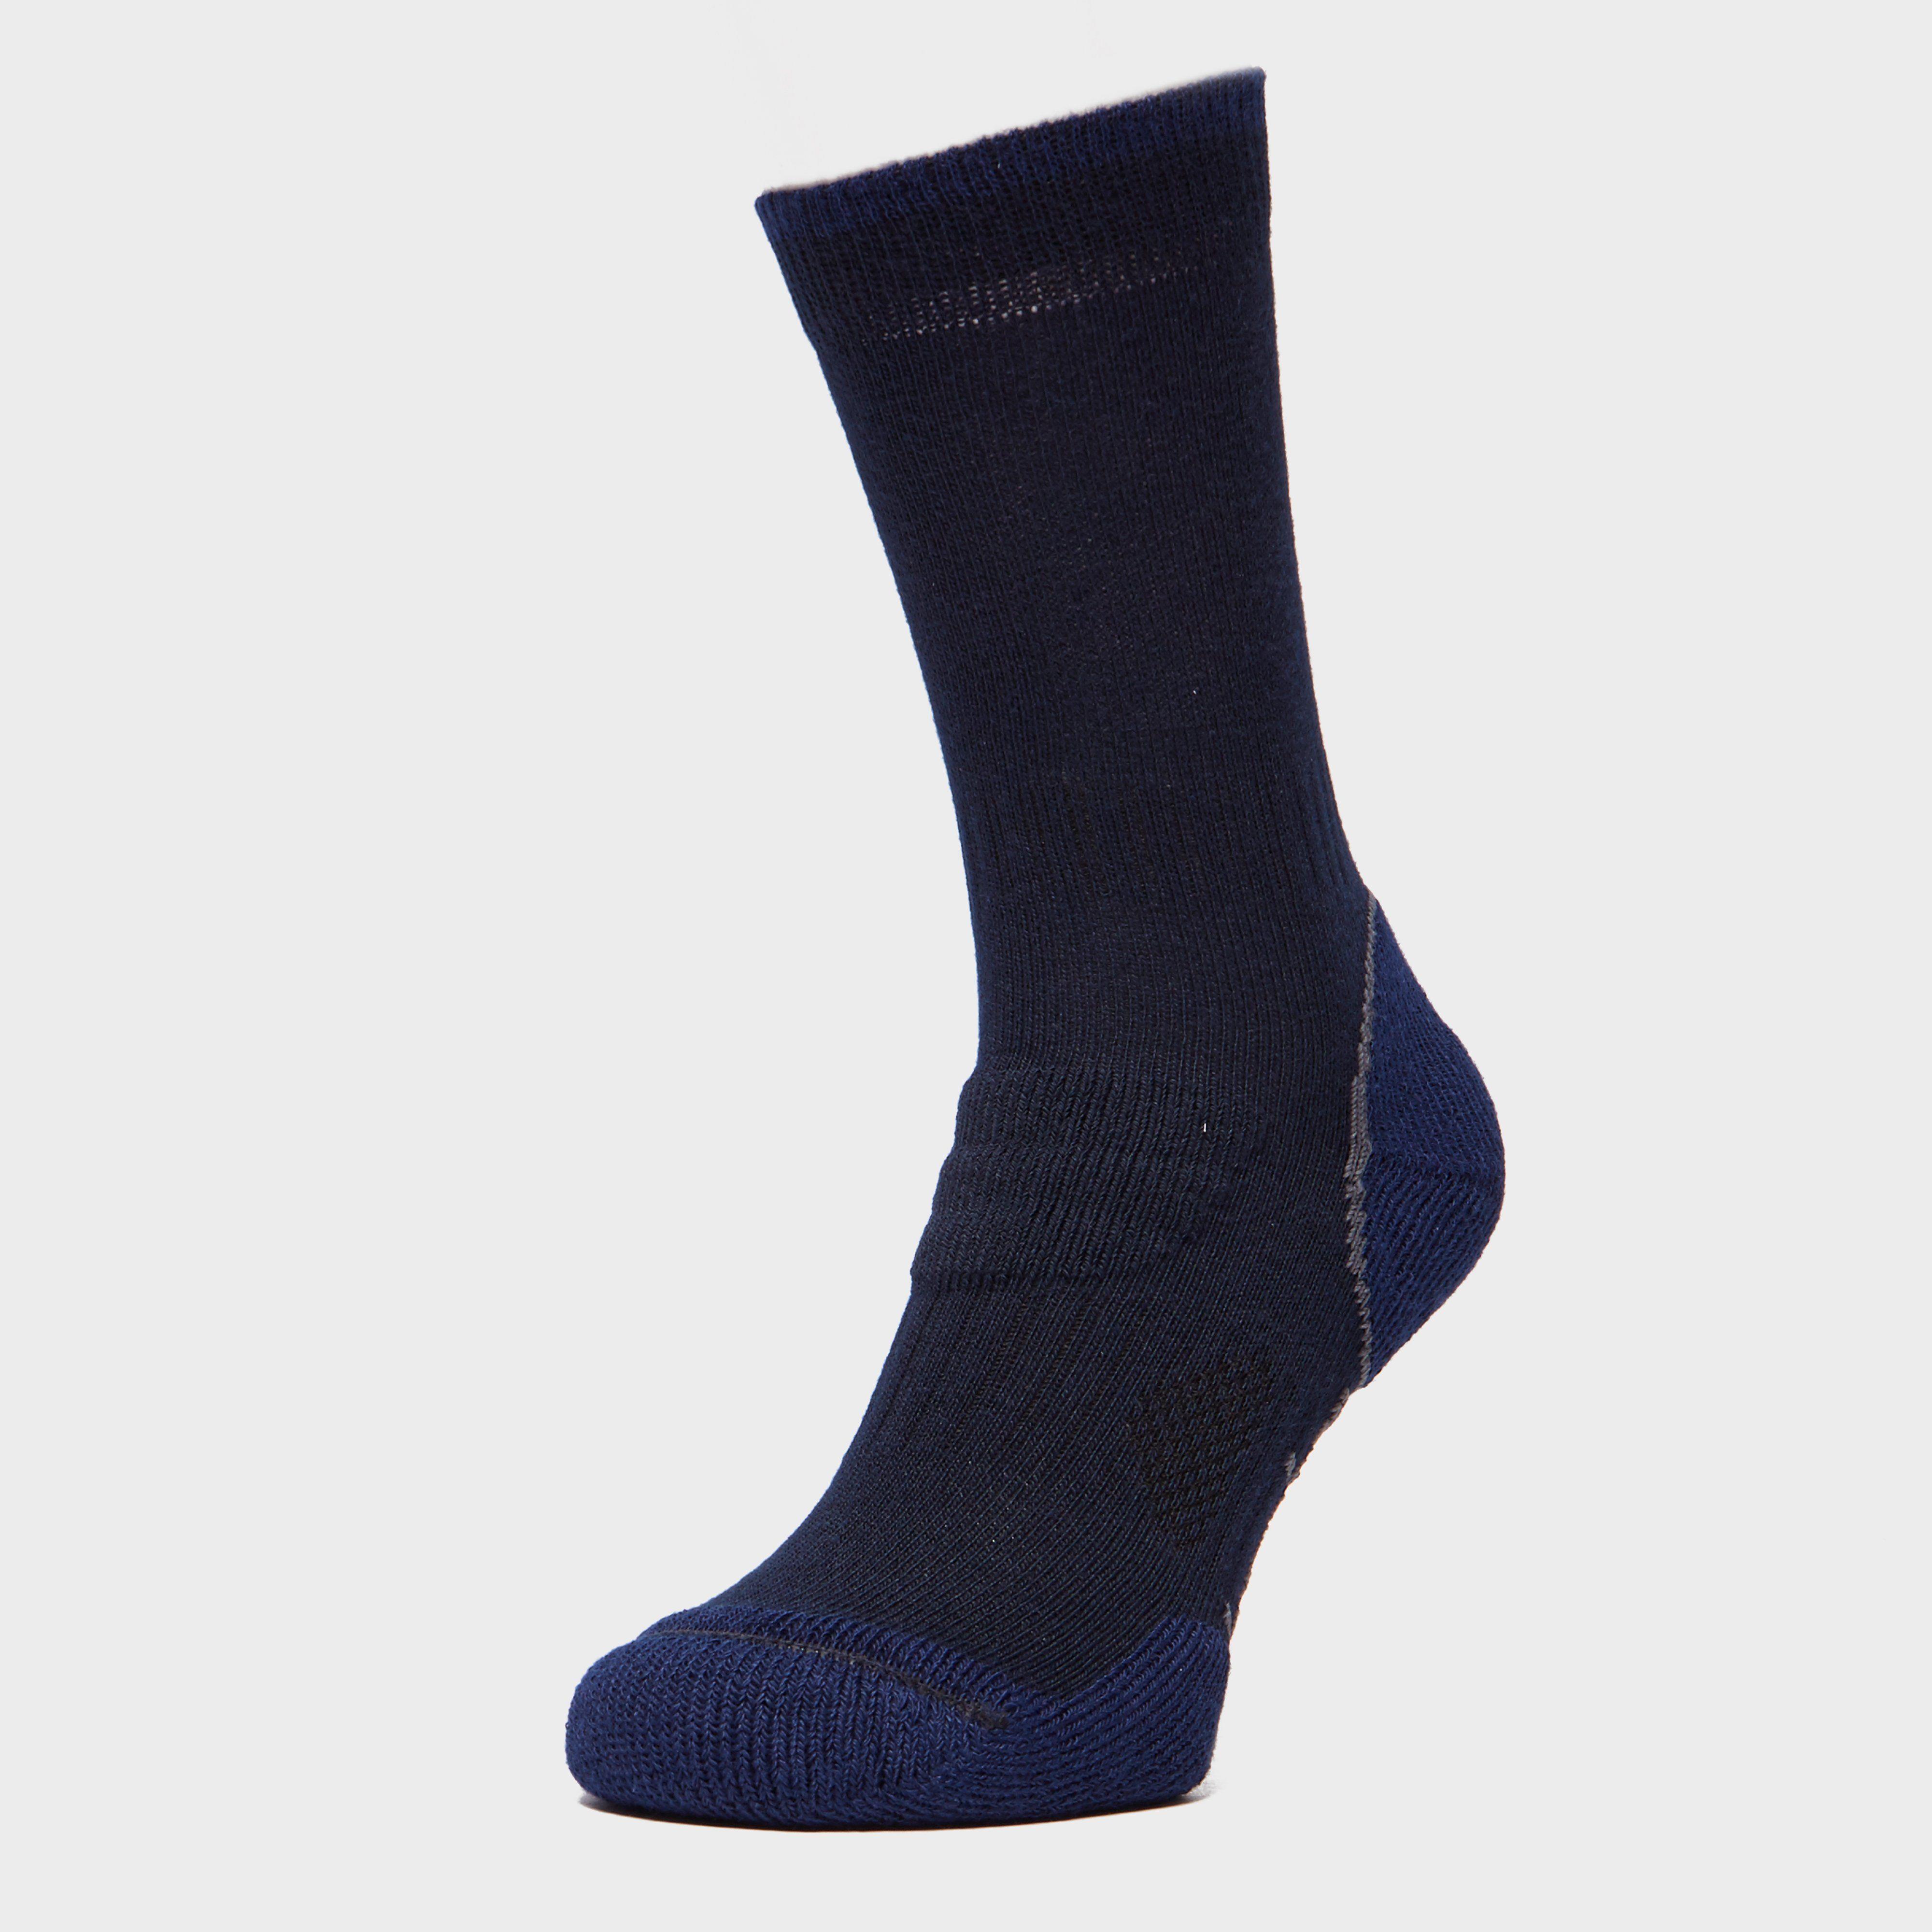 BRASHER Men's Light Hiker Socks